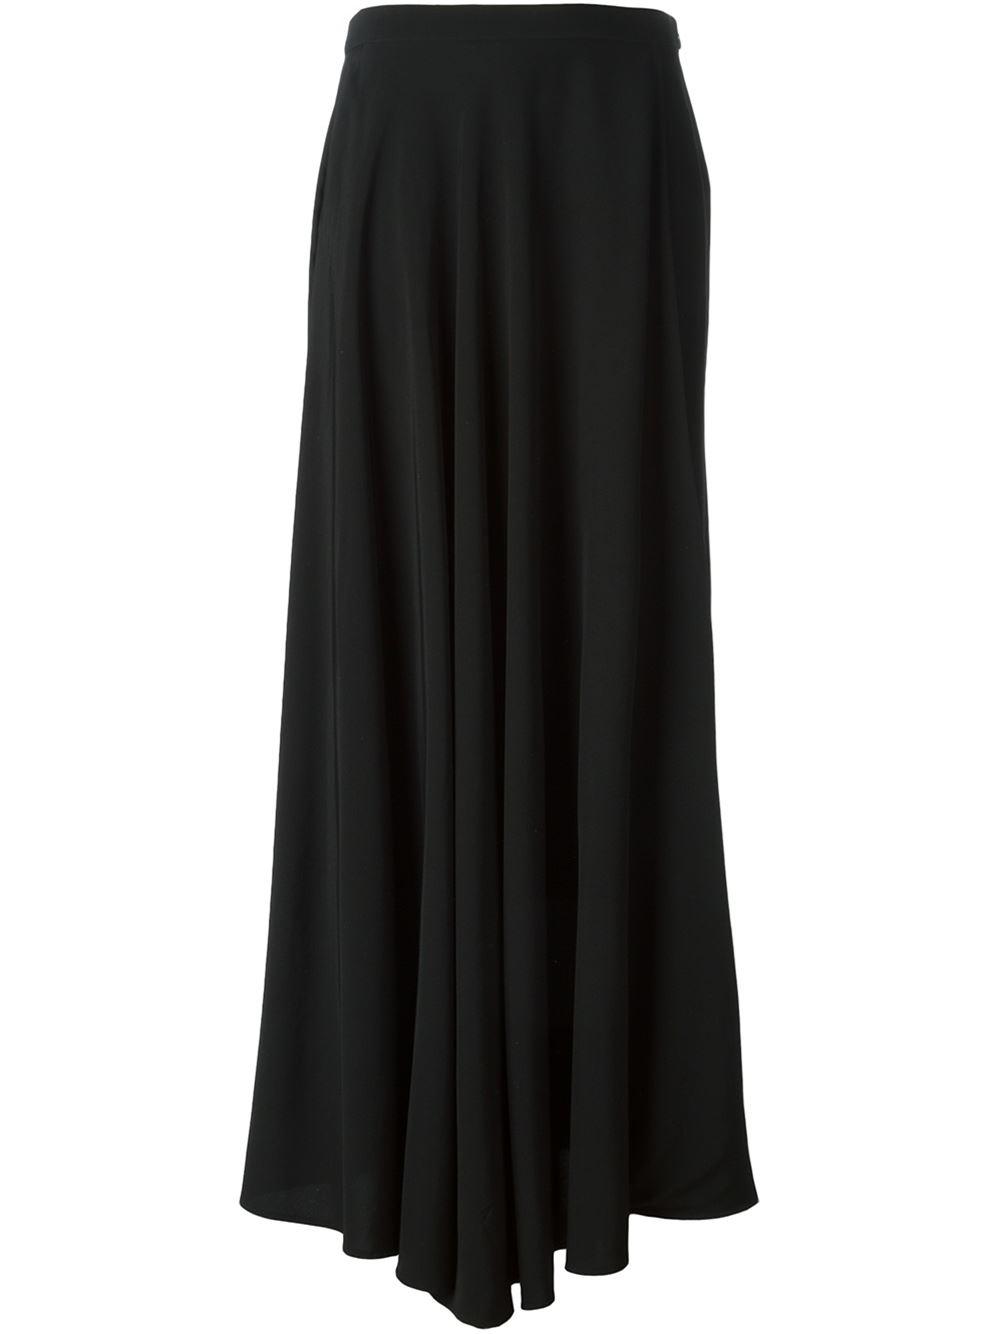 jean paul gaultier draped maxi skirt in black lyst